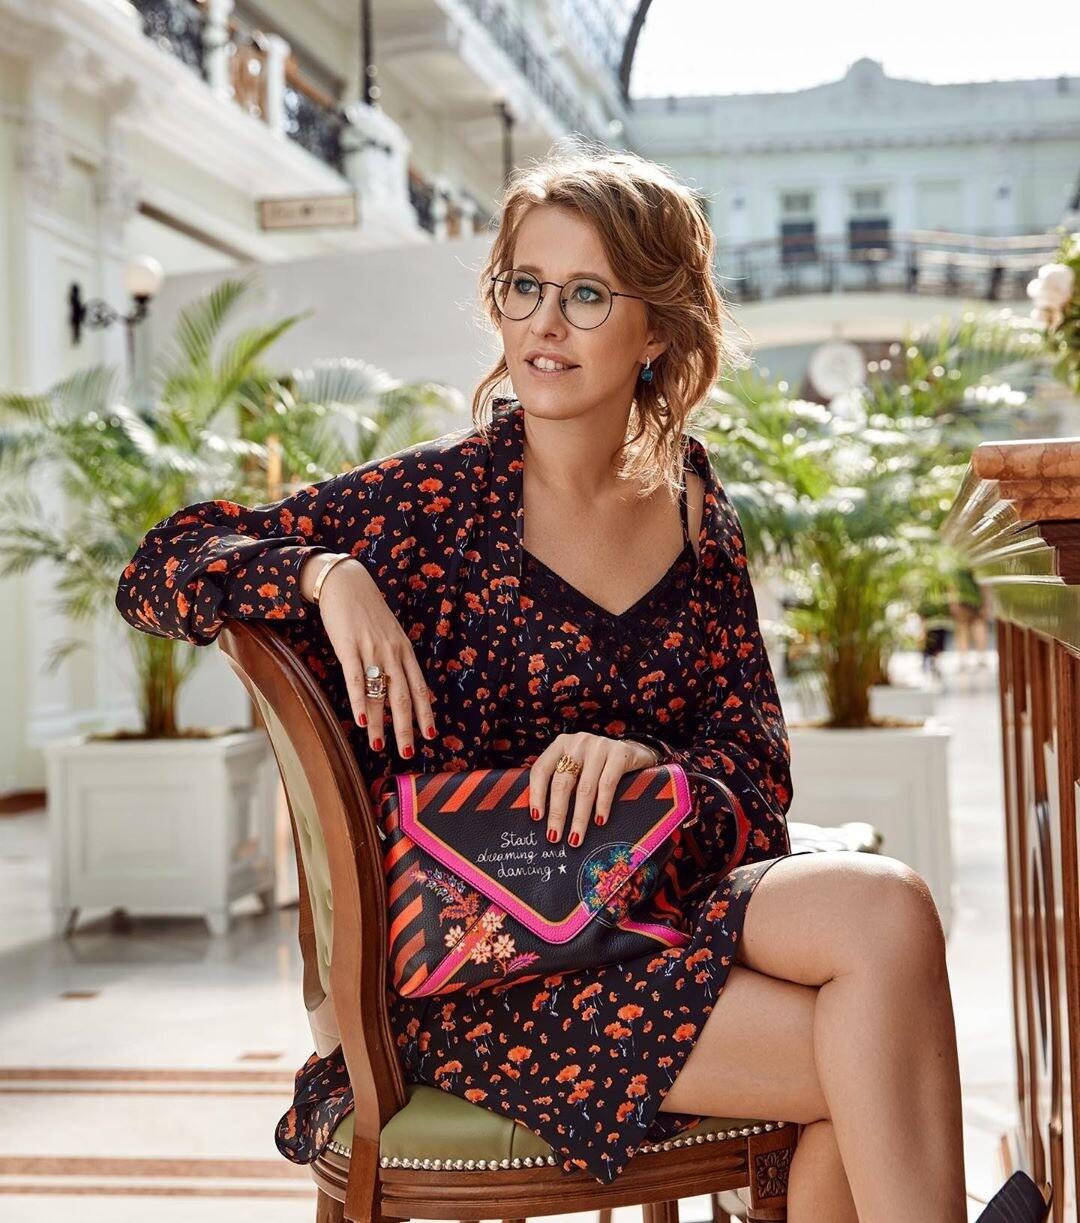 Стало известно, какое свадебное платье выбрала Ксения Собчак (видео)